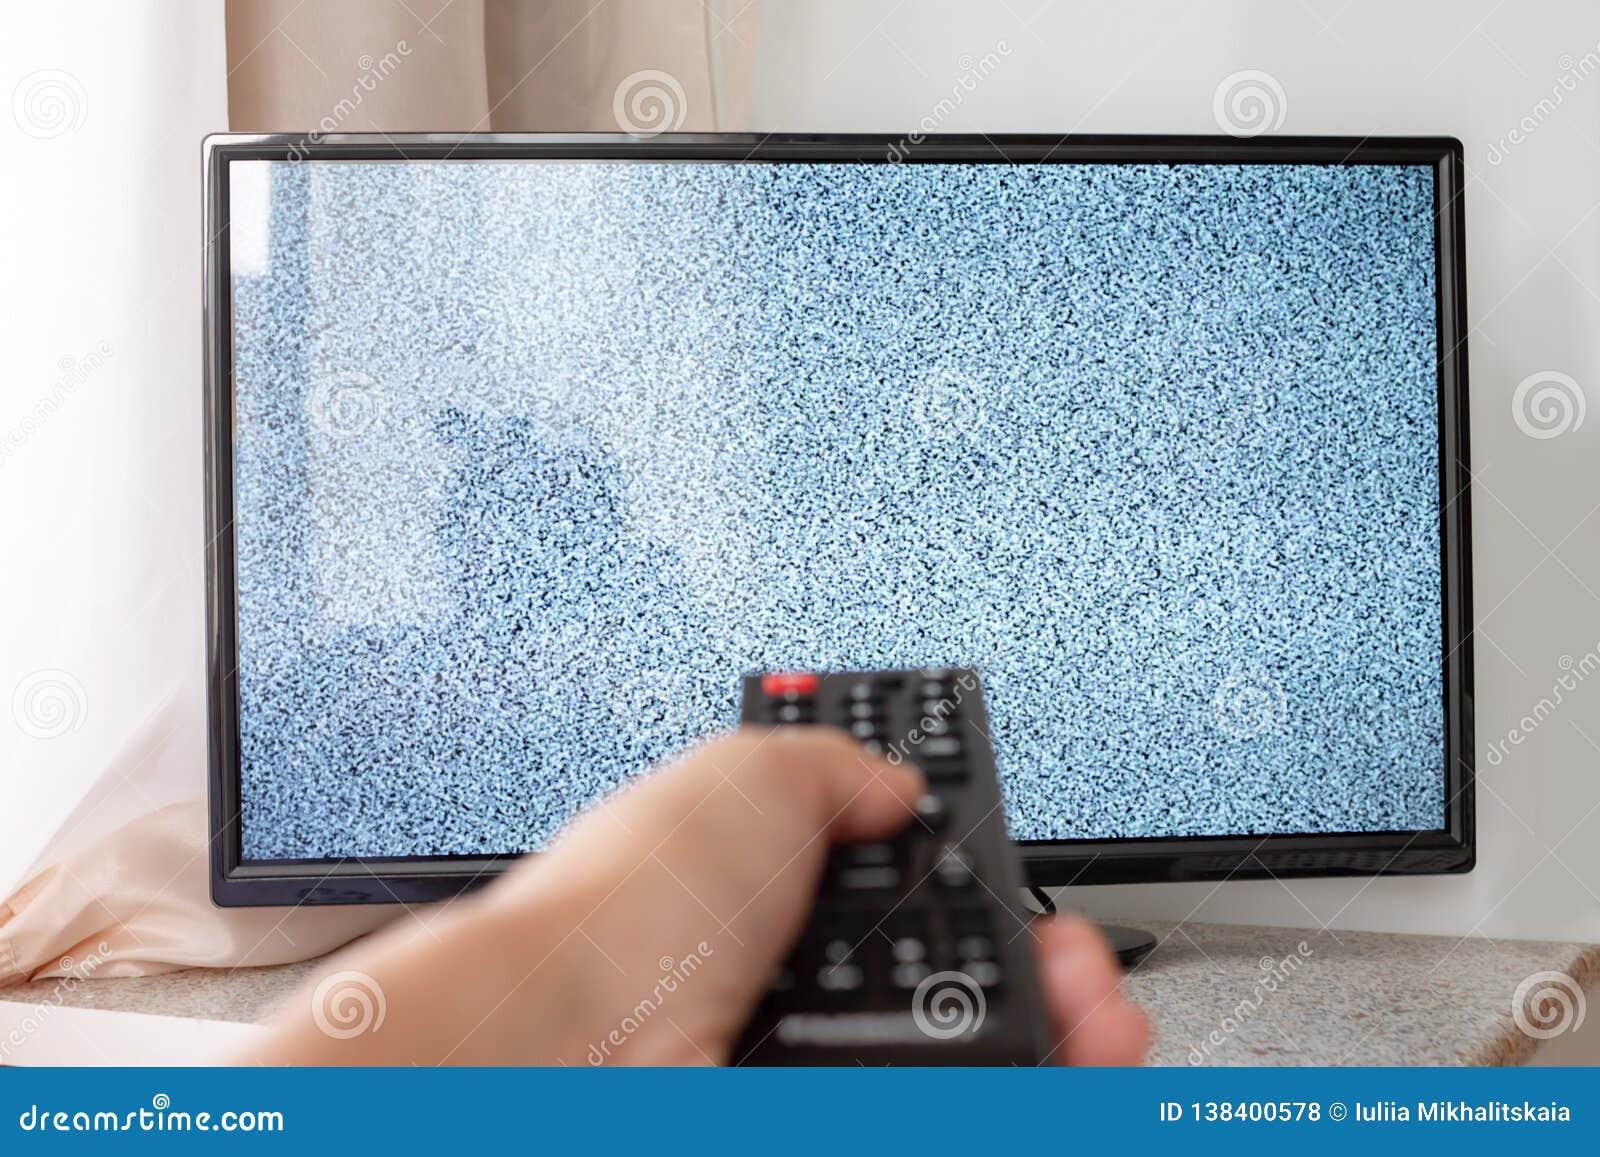 Hand mit Fernsehfernbedienung vor dem Schirm mit weißen Geräuschen auf ihm - Abstimmen der Fernsehsender und Verbindung von Probl